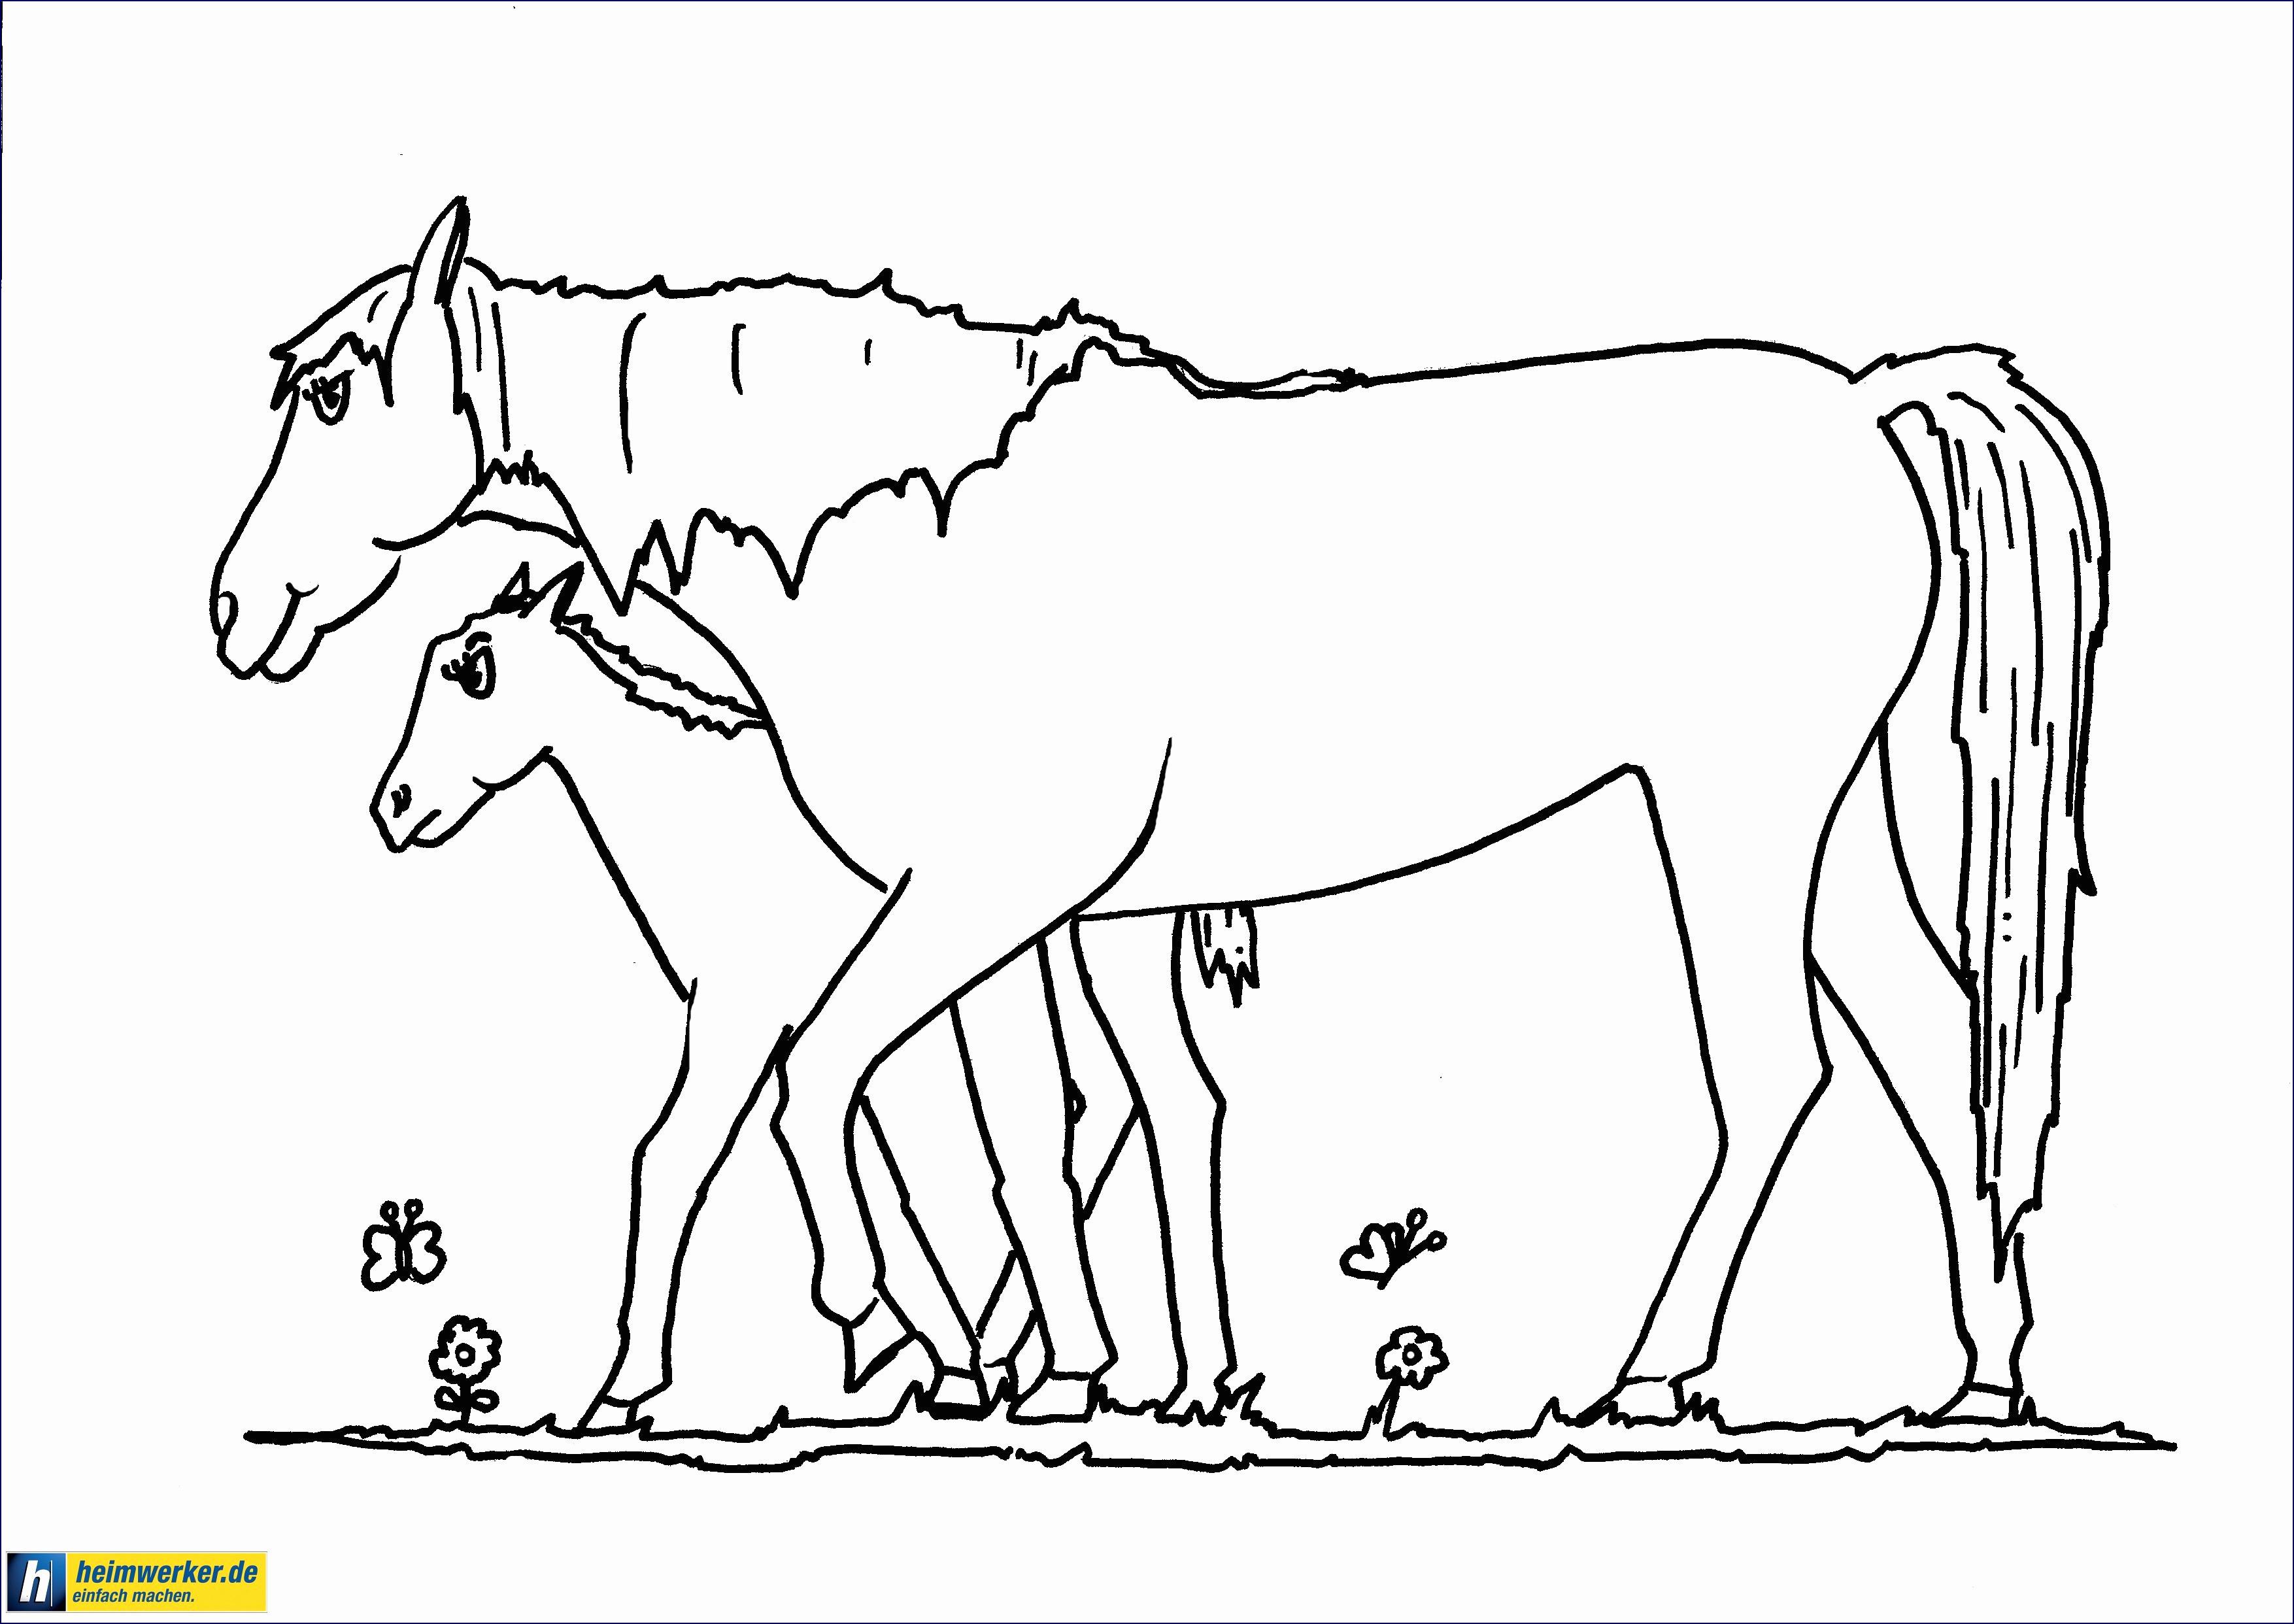 Shaun Das Schaf Ausmalbild Genial 30 Pferde Ausmalbilder Drucken forstergallery Bild